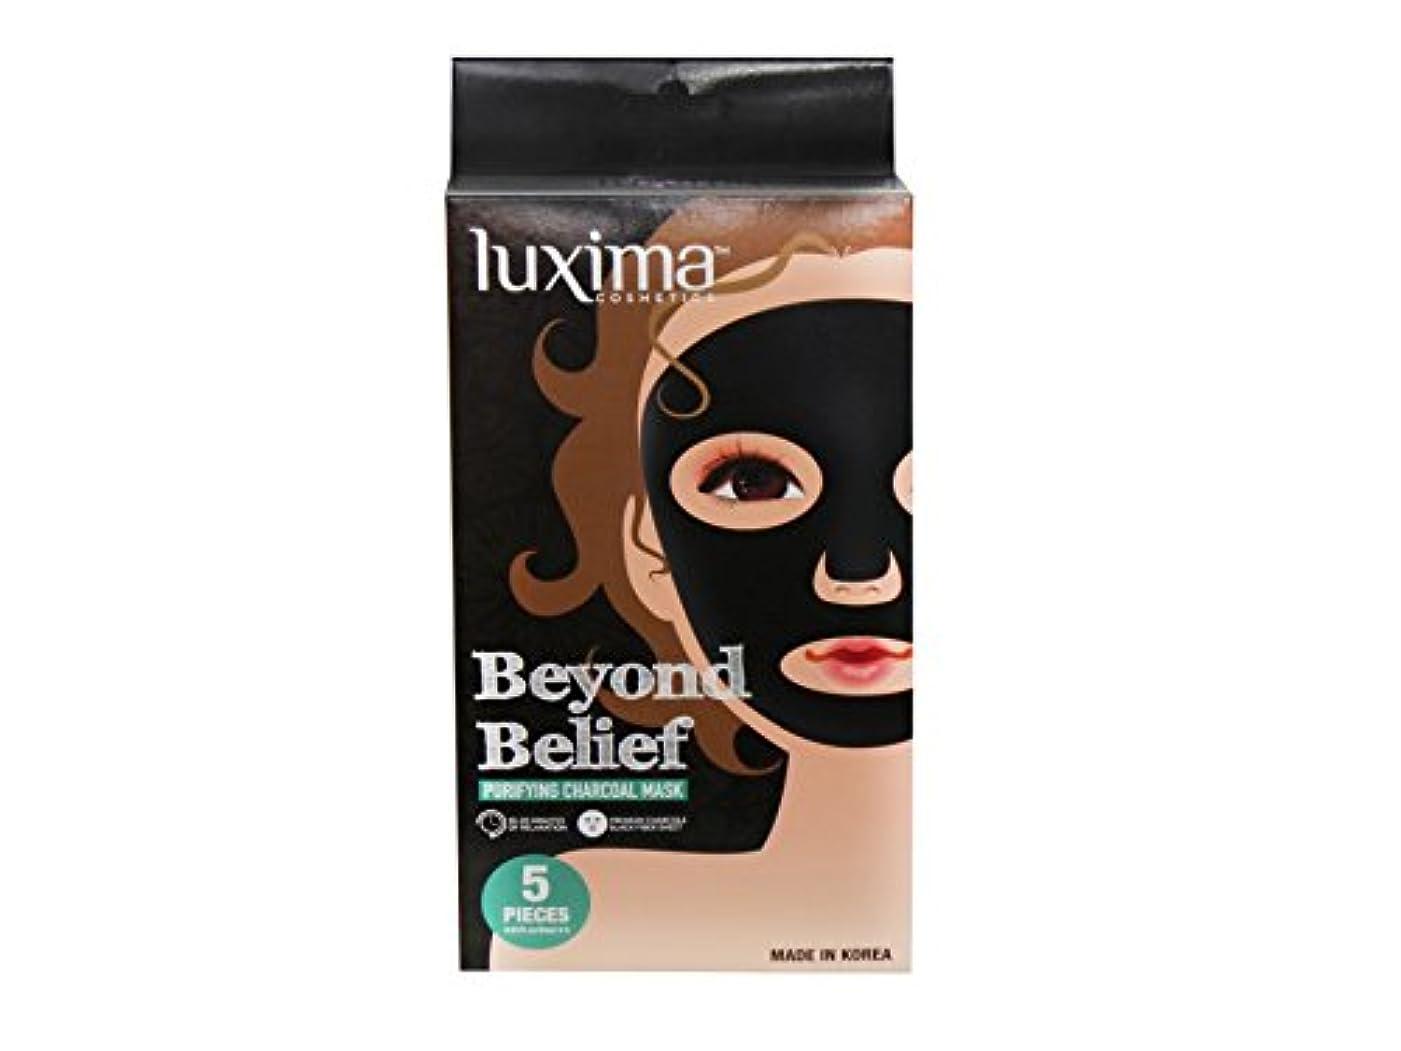 八百屋さんロッジ当社LUXIMA Beyond Belief Purifying Charcoal Mask, Pack of 5 (並行輸入品)